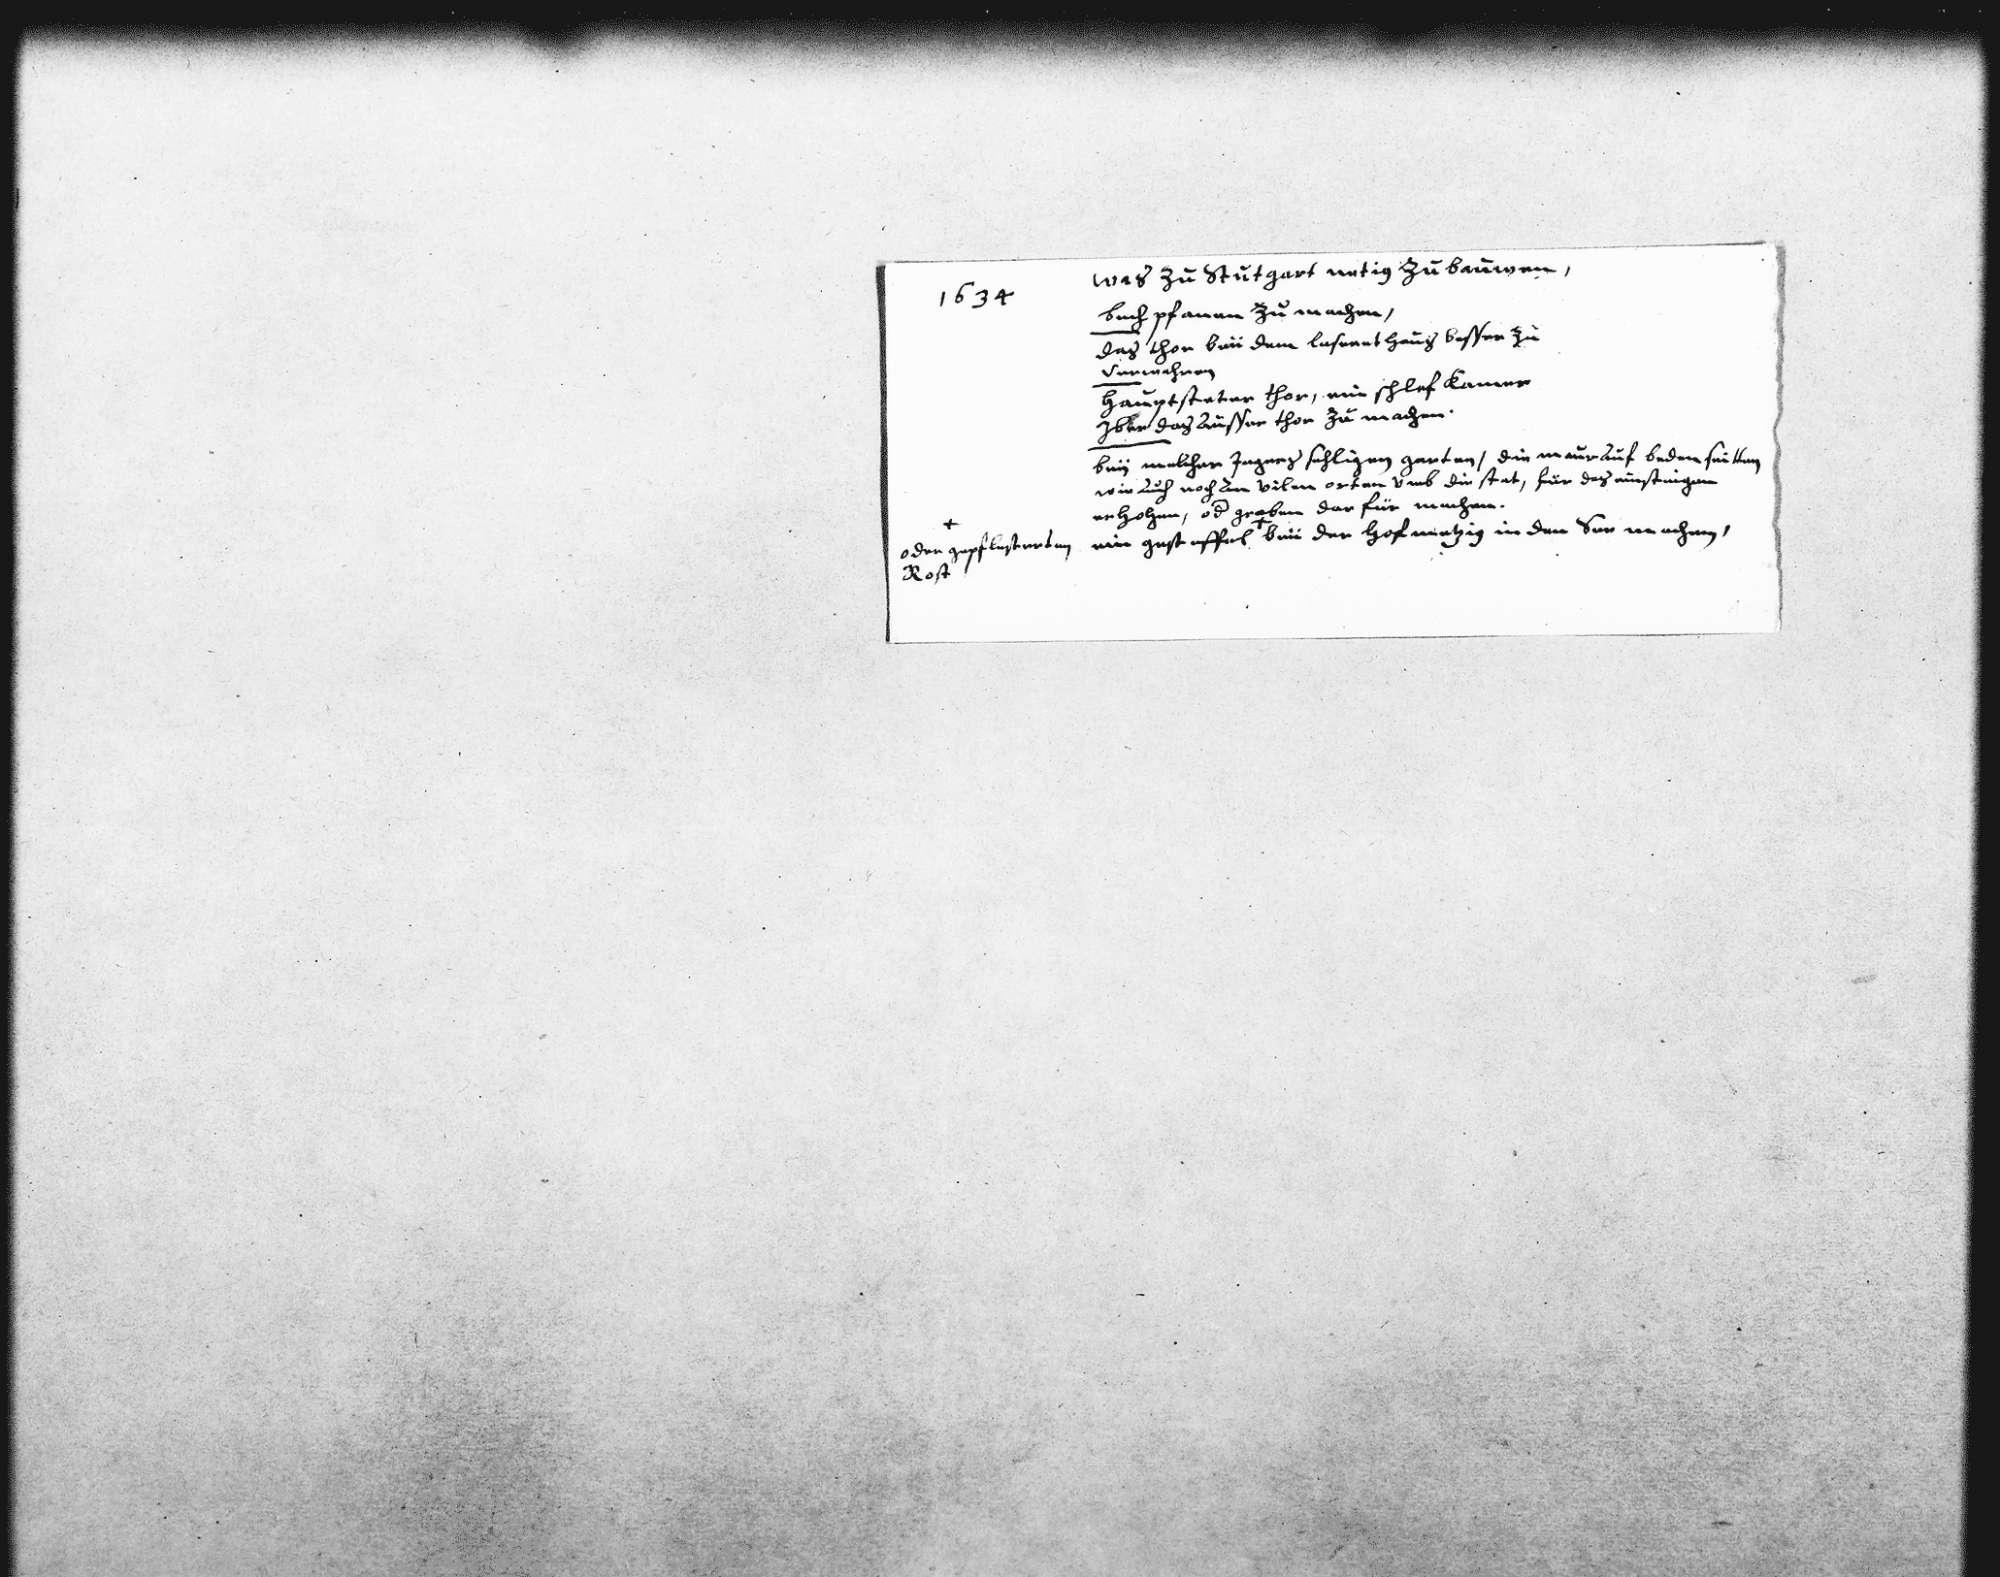 Notizen zu Instandsetzungsarbeiten an den Toren und zu dem Grundstück beim Garten des verstorbenen Melchior Jäger (Quart), Bild 1